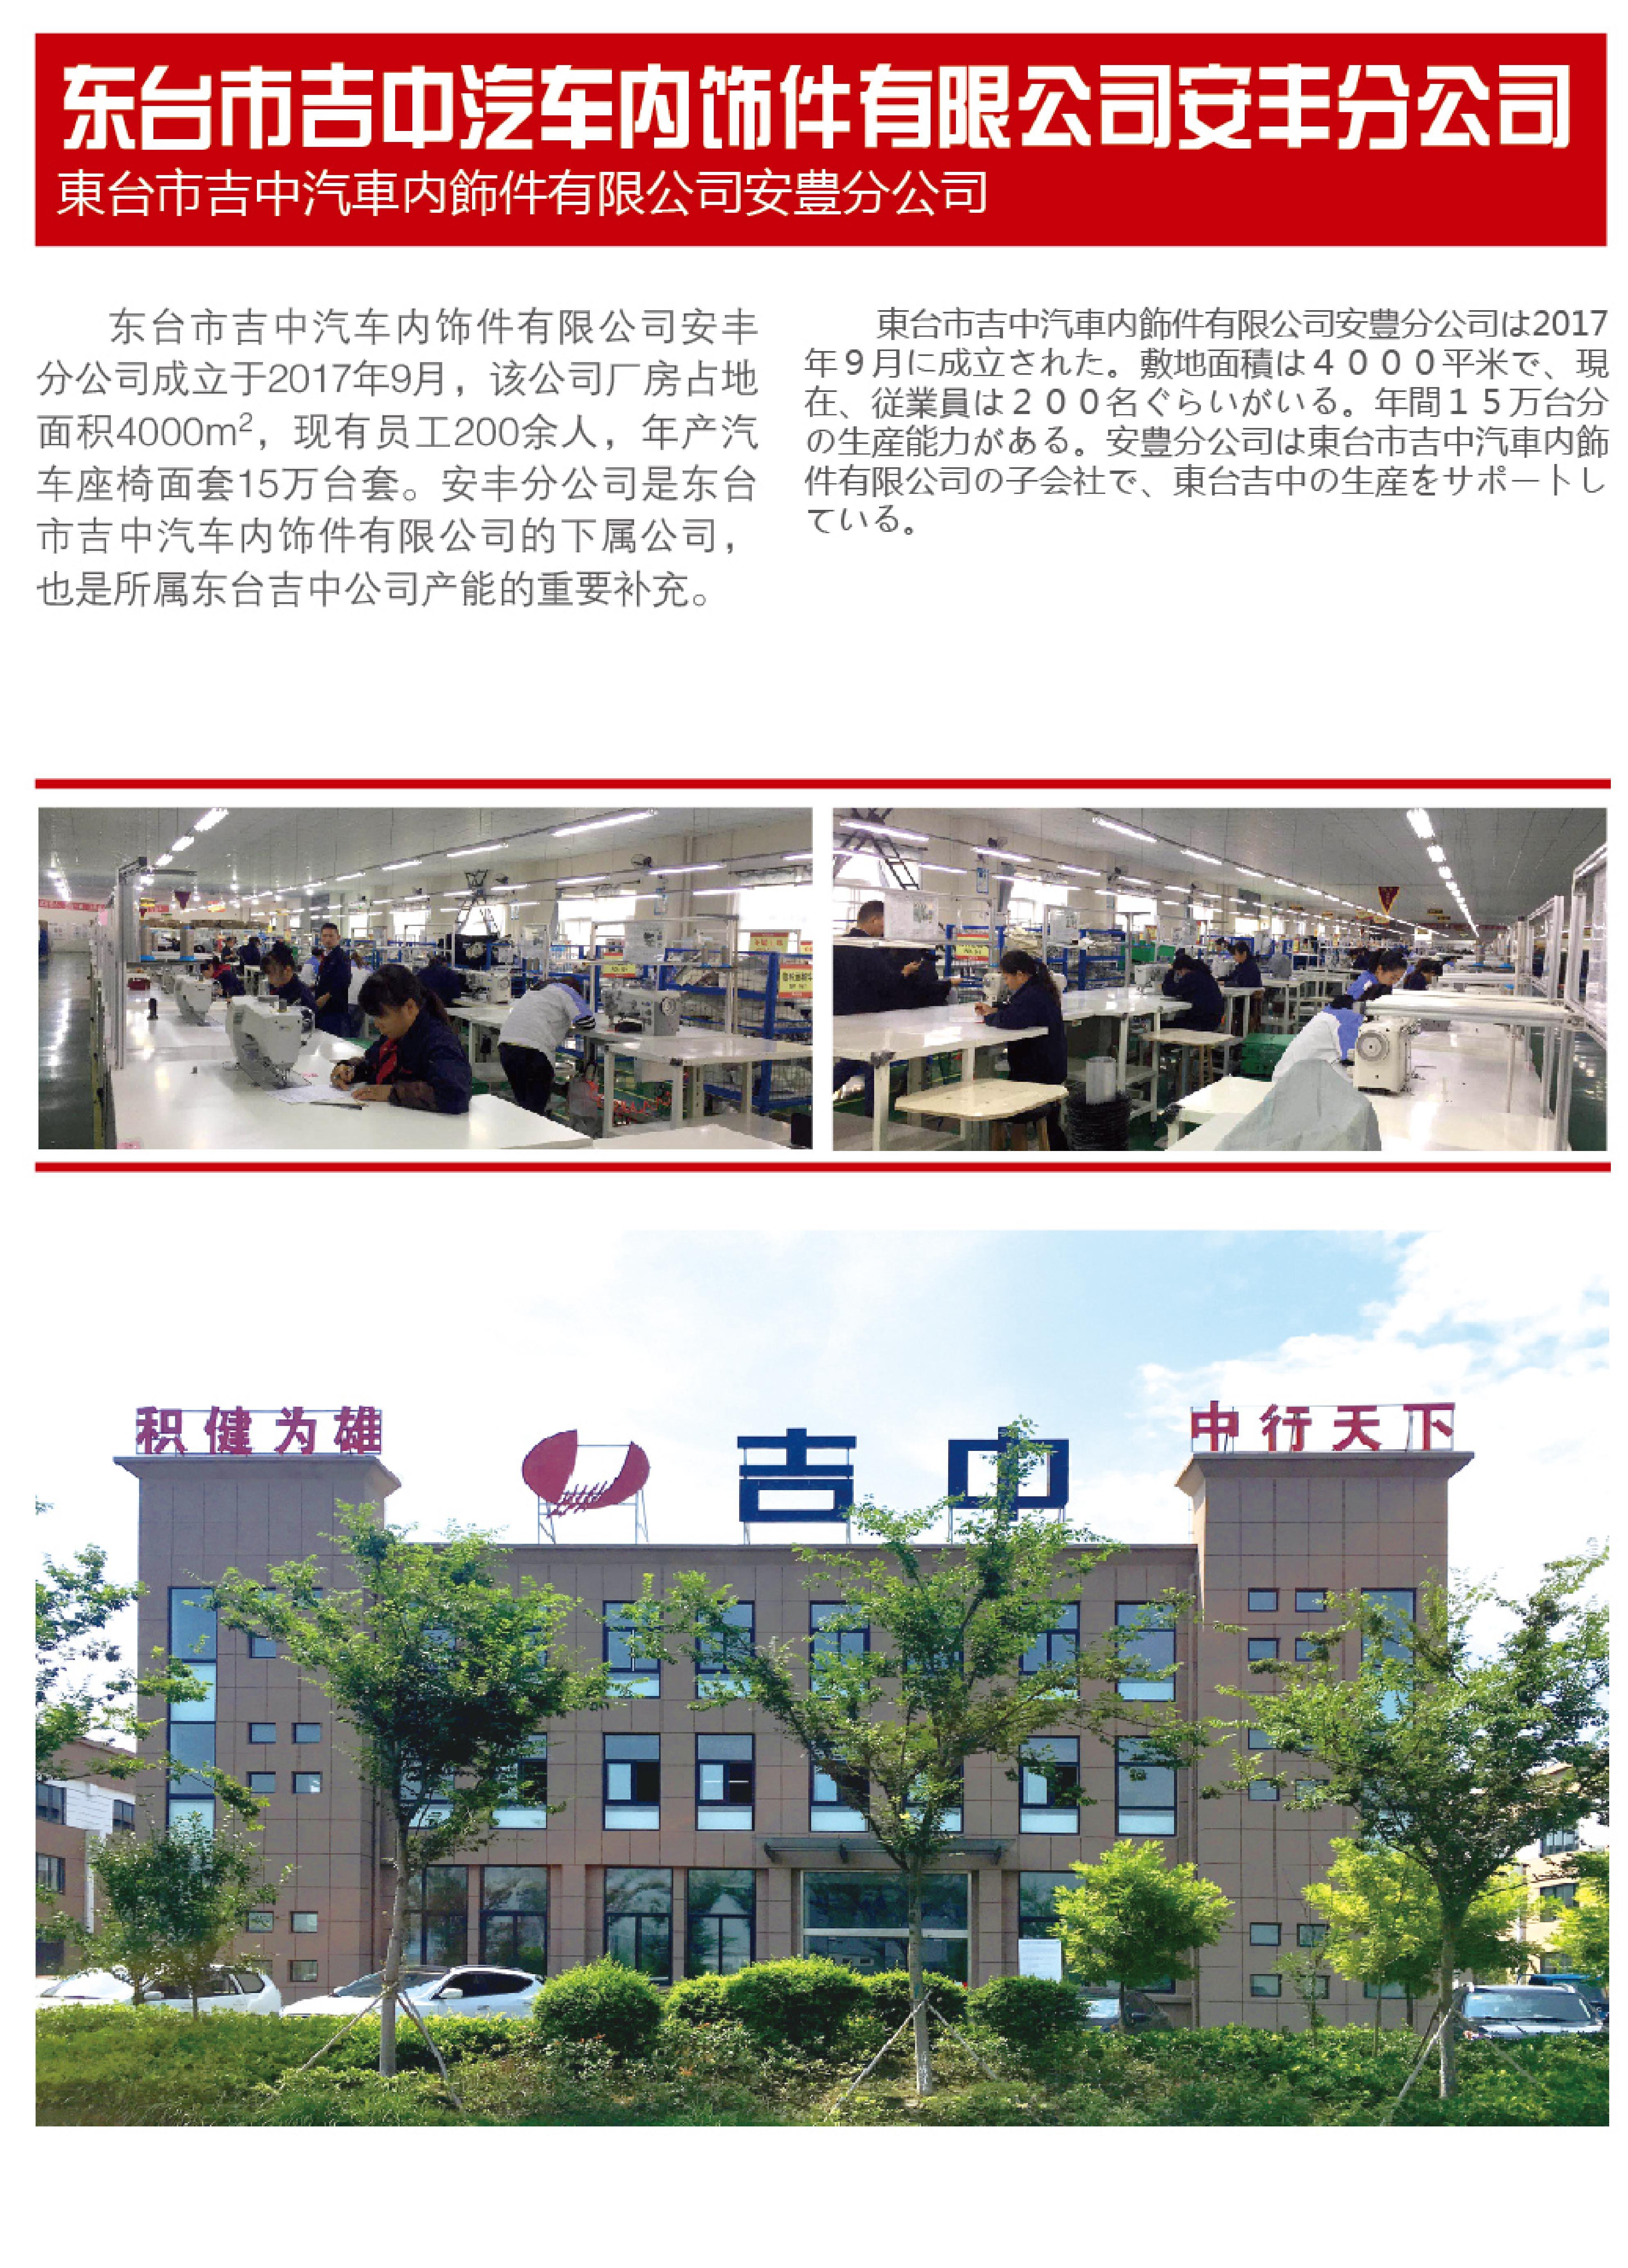 东台市吉中汽车内饰件有限公司安丰分公司